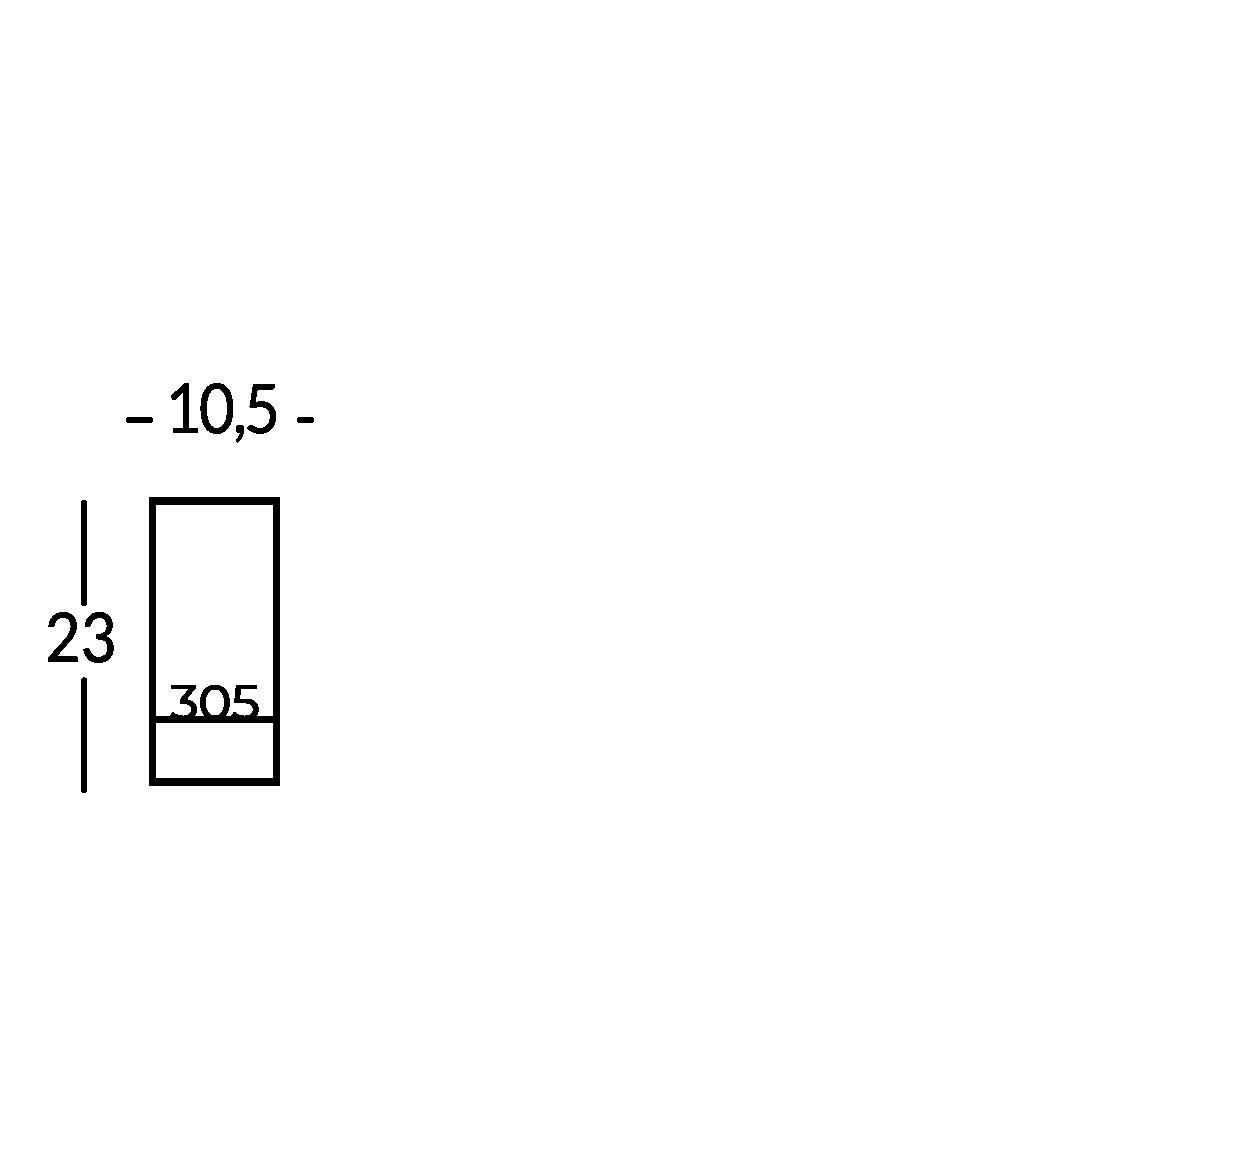 Dieses Leitsystem besteht aus unterschiedlichen Schildern und anderen Elementen, die Ihren Gästen auf geeignete Weise und in einheitlichem Design Informationen zur Orientierung innerhalb des Gebäudes bieten sollen. Alle Schilder sind aus Metall gefertigt, Oberflächengestaltung und Farbgebung sind nach Ihren Anforderungen individualisierbar. Jedes Schild besteht aus einer rechteckigen Metallplatte, die dergestalt ausgestanzt ist, dass nur die gewünschten Buchstaben, Zeichen oder Zahlen im Rahmen stehen bleiben.